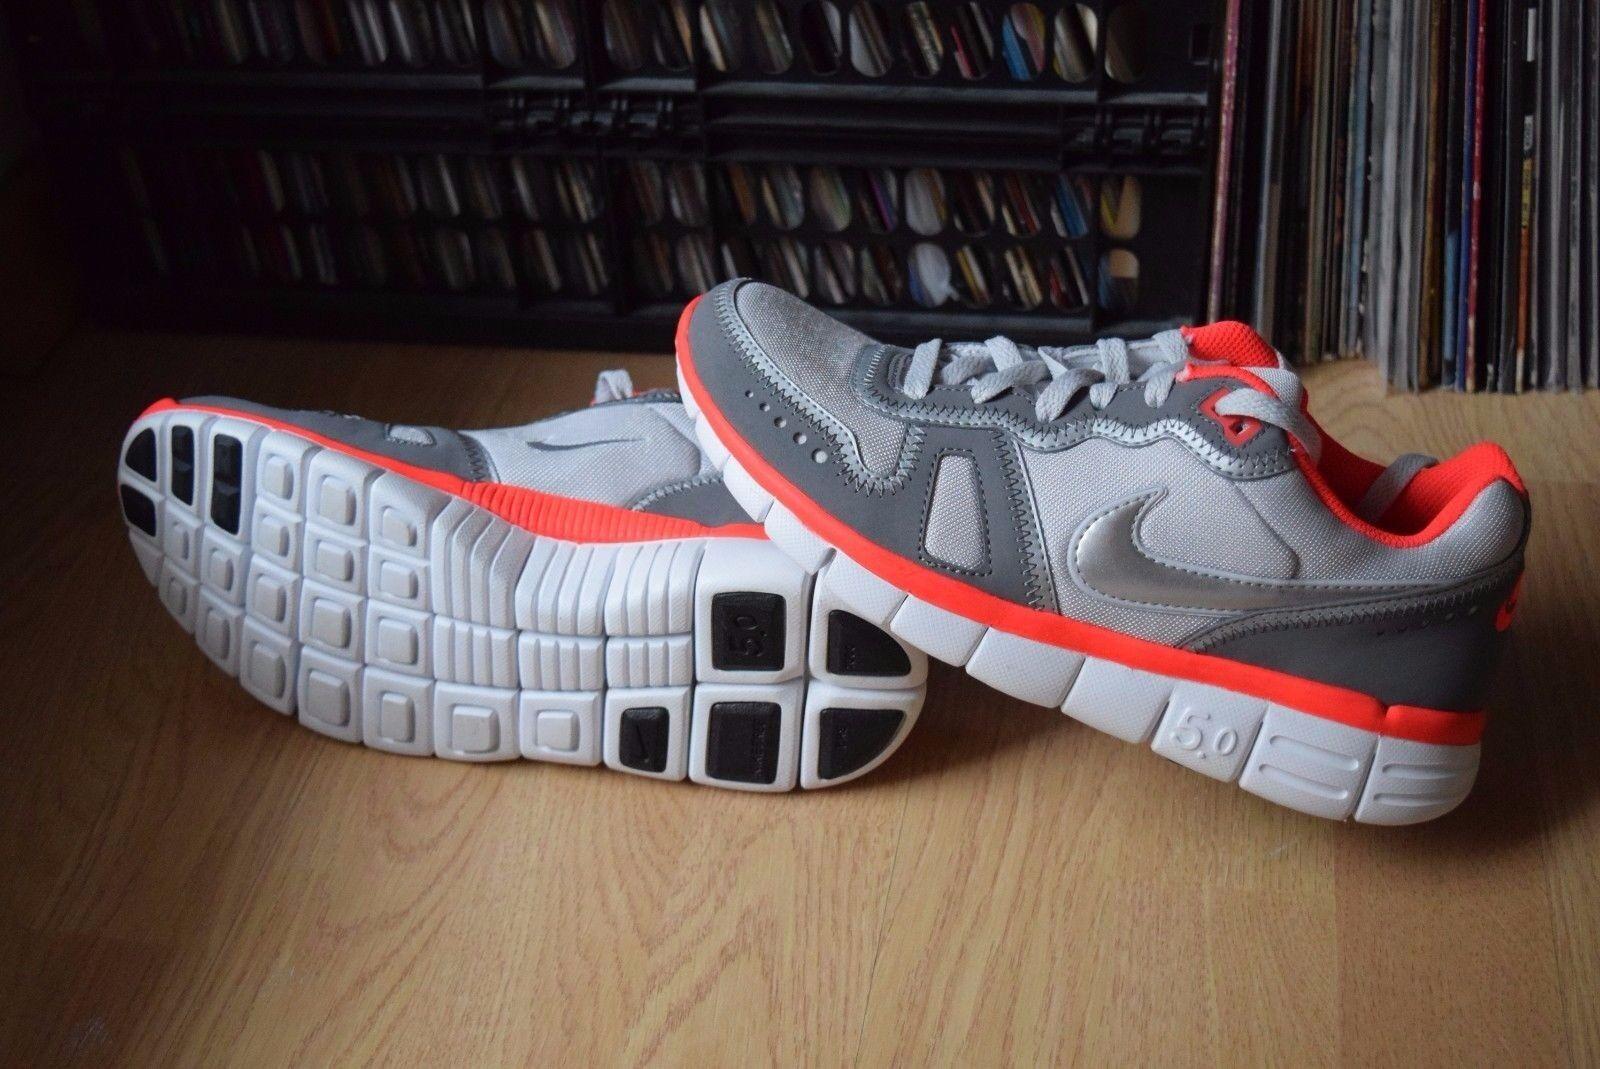 Nike Free Waffle AC 41  berlin 443913 015 presto run 5.0 4.0 2 trainer Deadstock